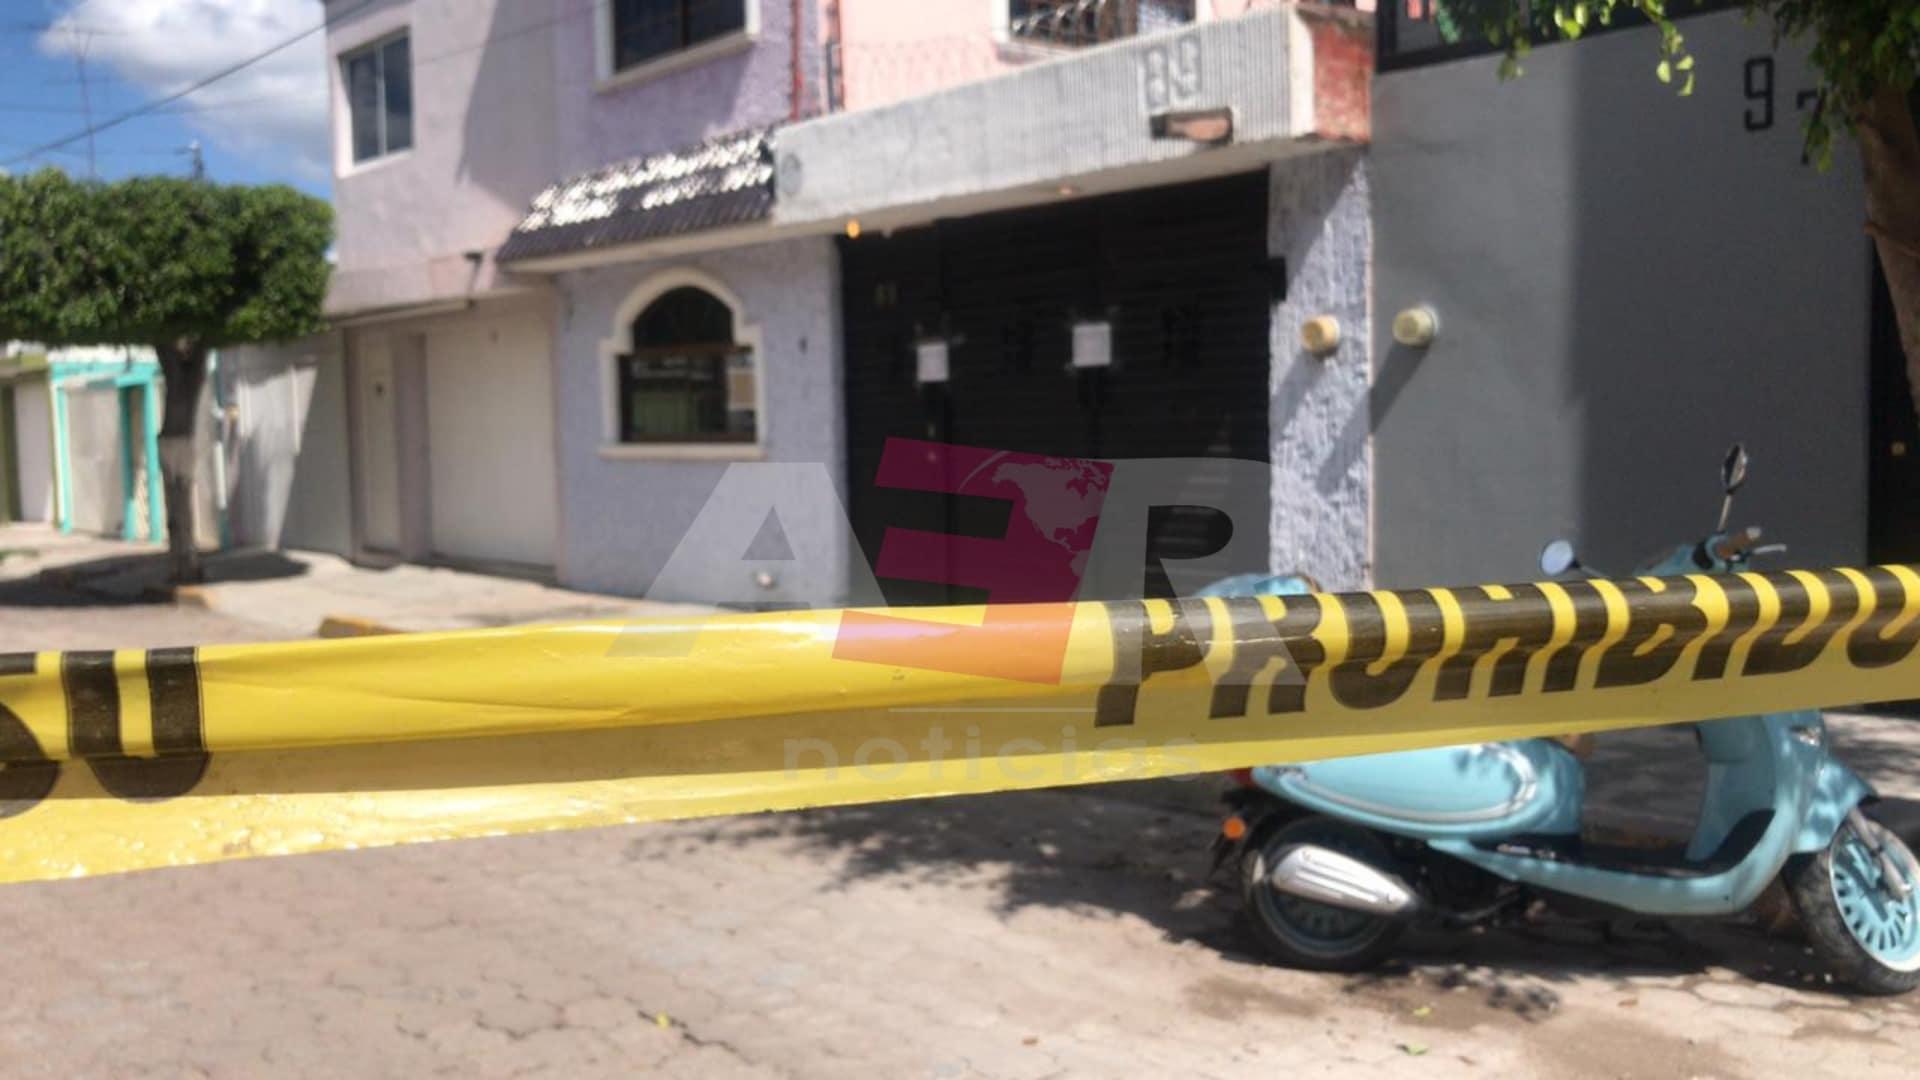 Intervienen casa en la Ciudad Deportiva, liberan a una persona, aseguran armas y hay varios detenidos 1